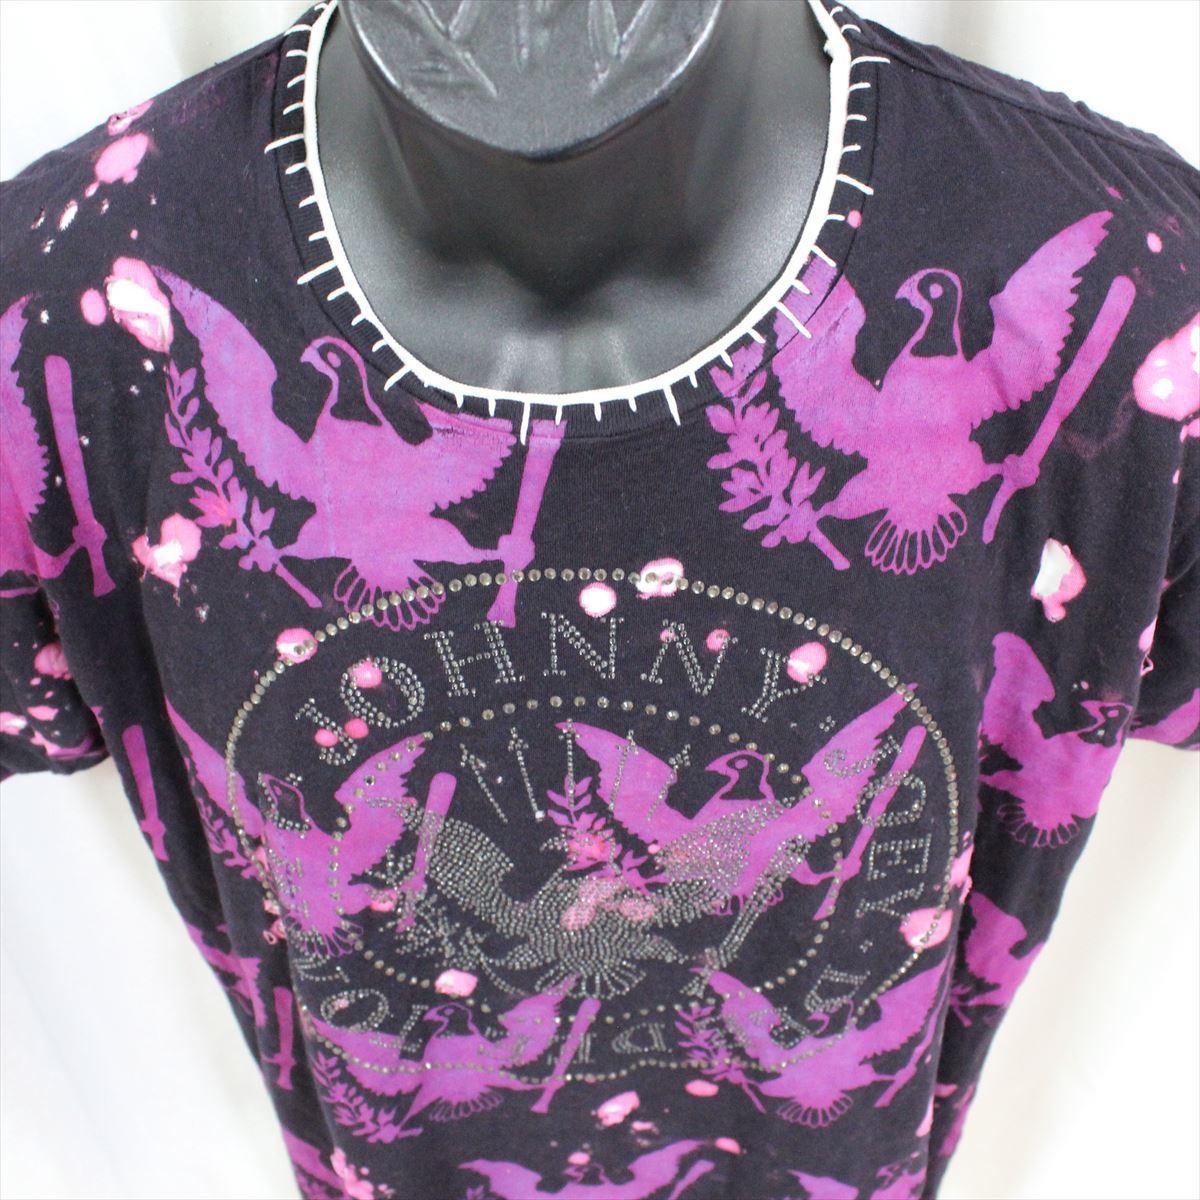 サディスティックアクション SADISTIC ACTION アイコニック メンズ半袖Tシャツ Mサイズ ICONIC COUTURE 新品 ラモーンズ Ramones_画像3